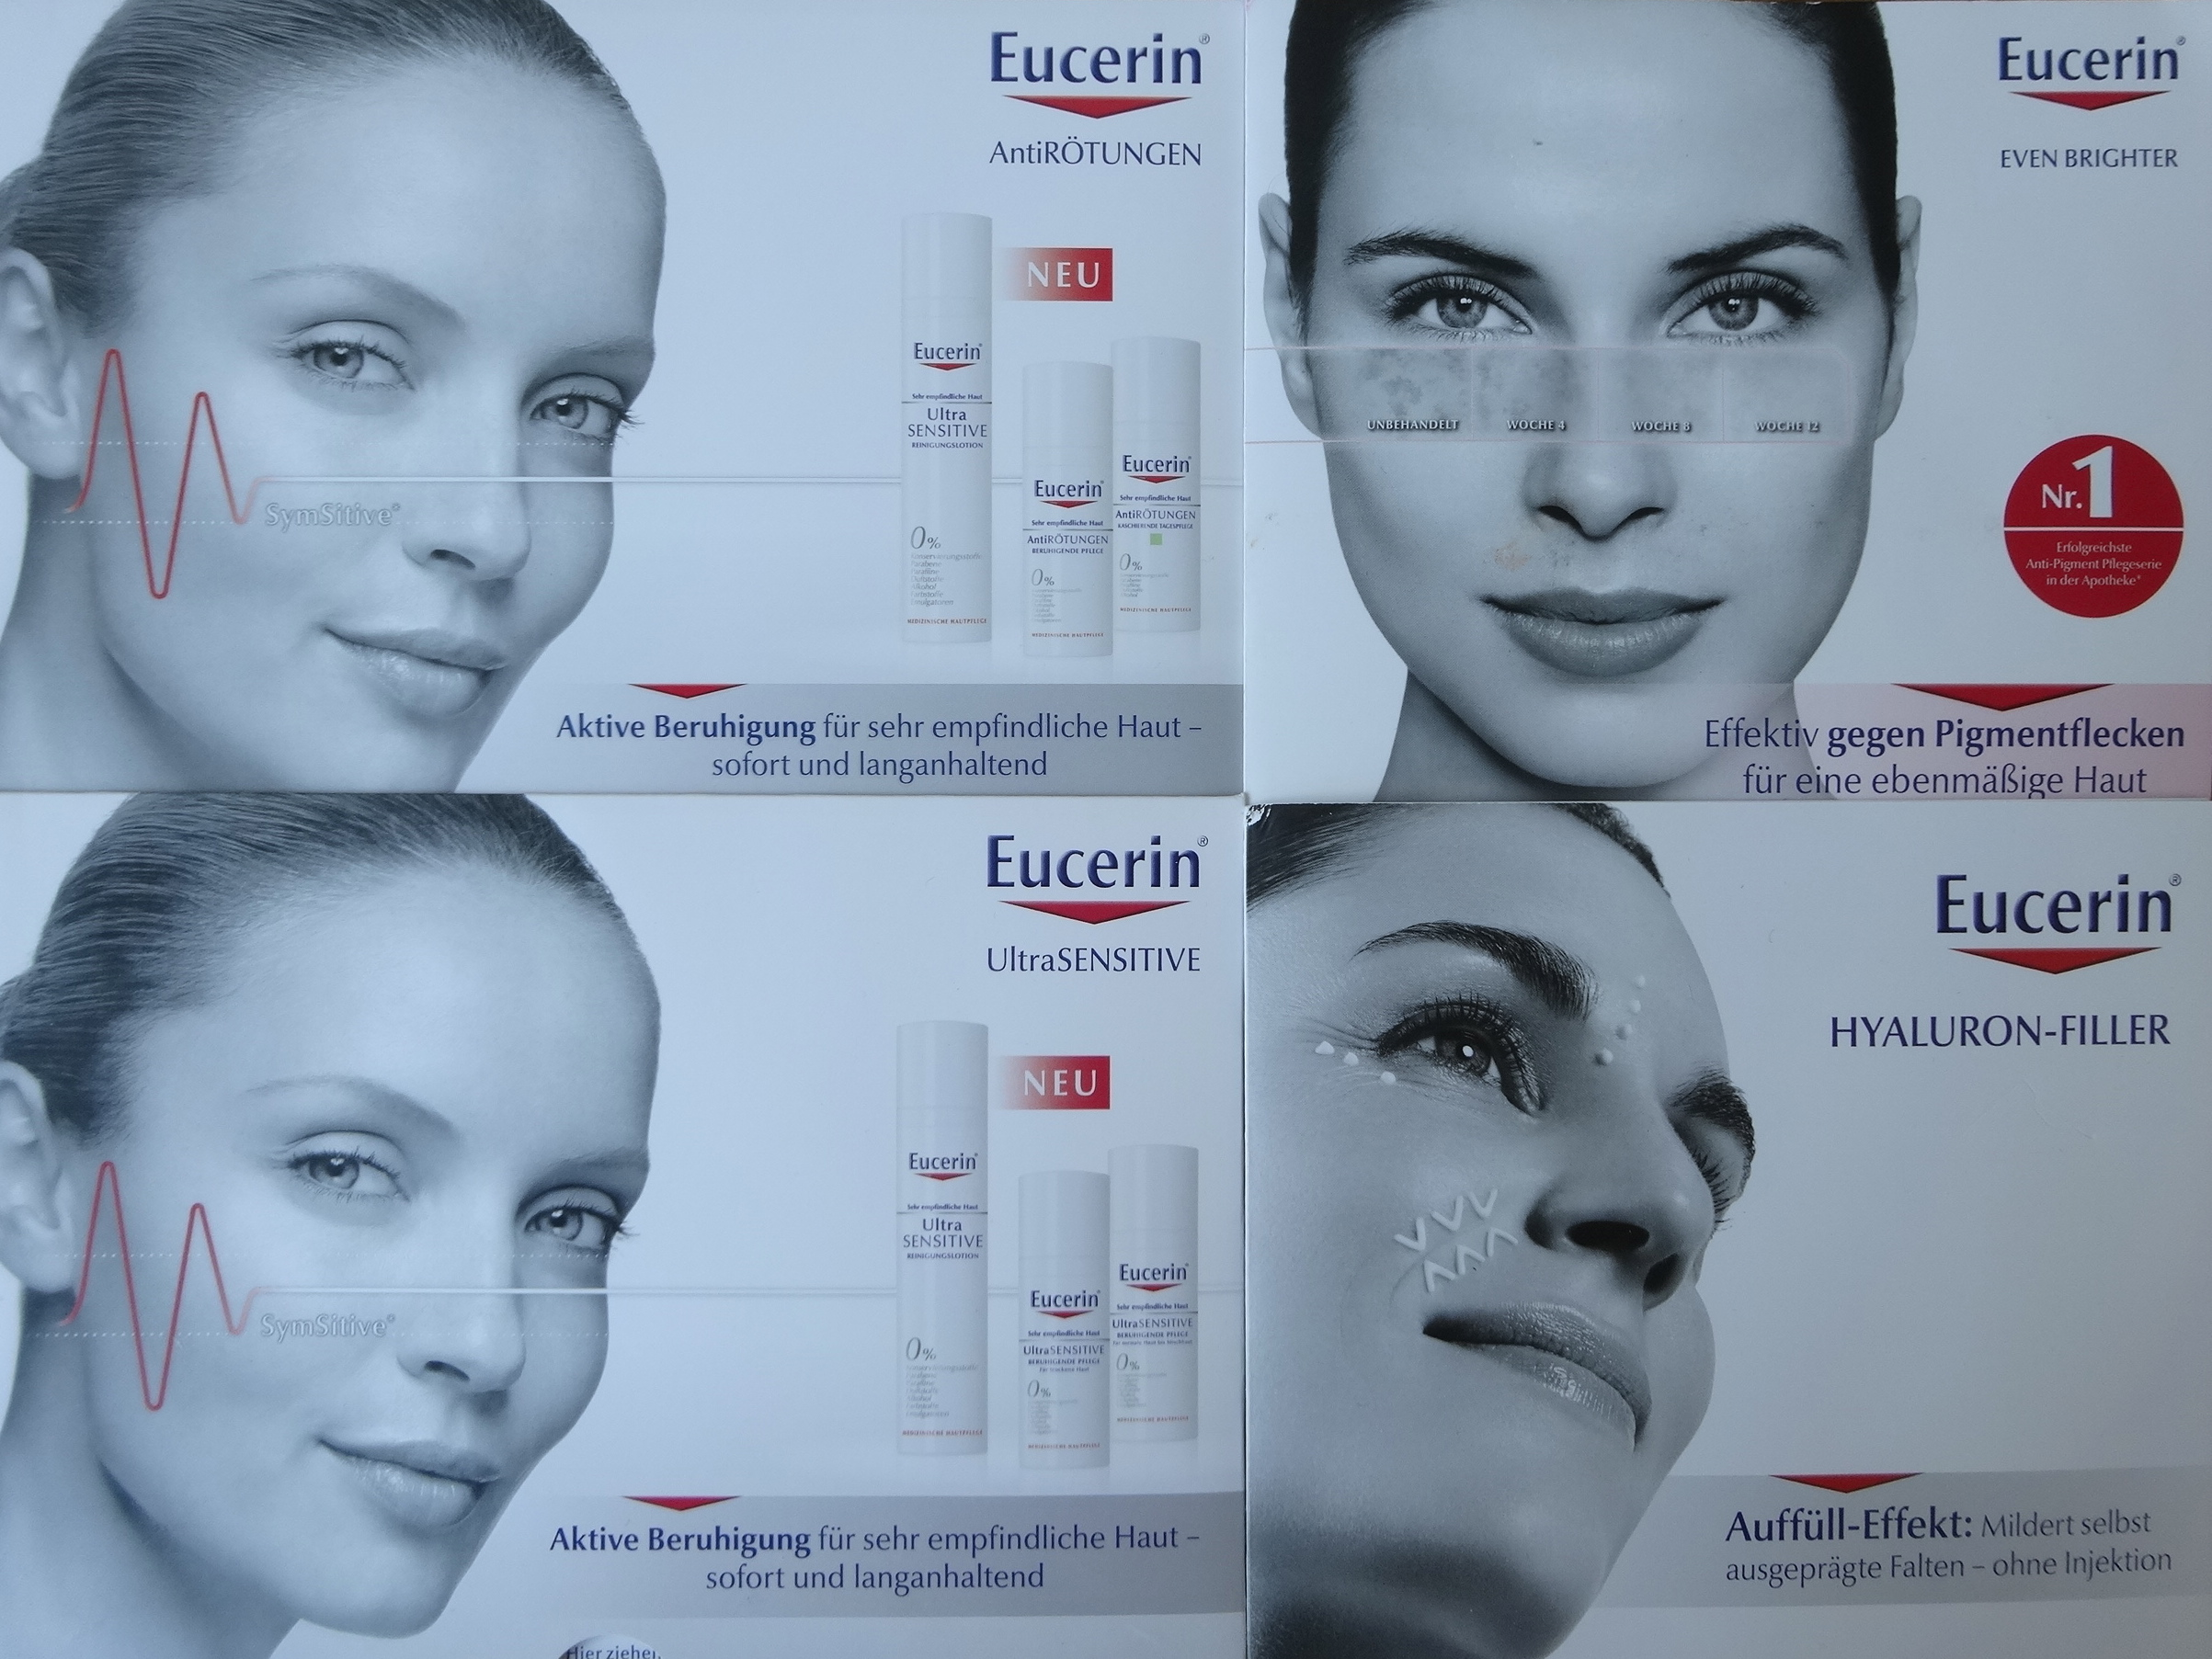 Neue Eucerin Serien / new Eucerin lines